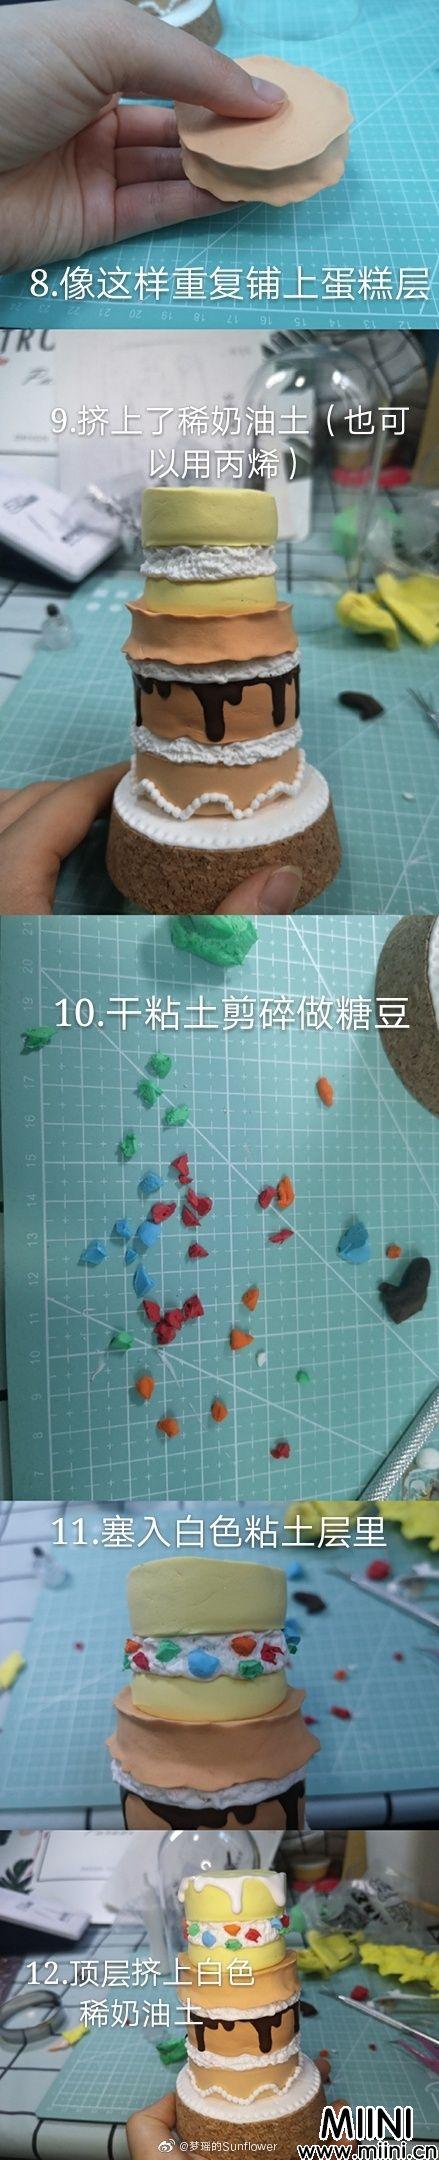 粘土生日蛋糕制作教程